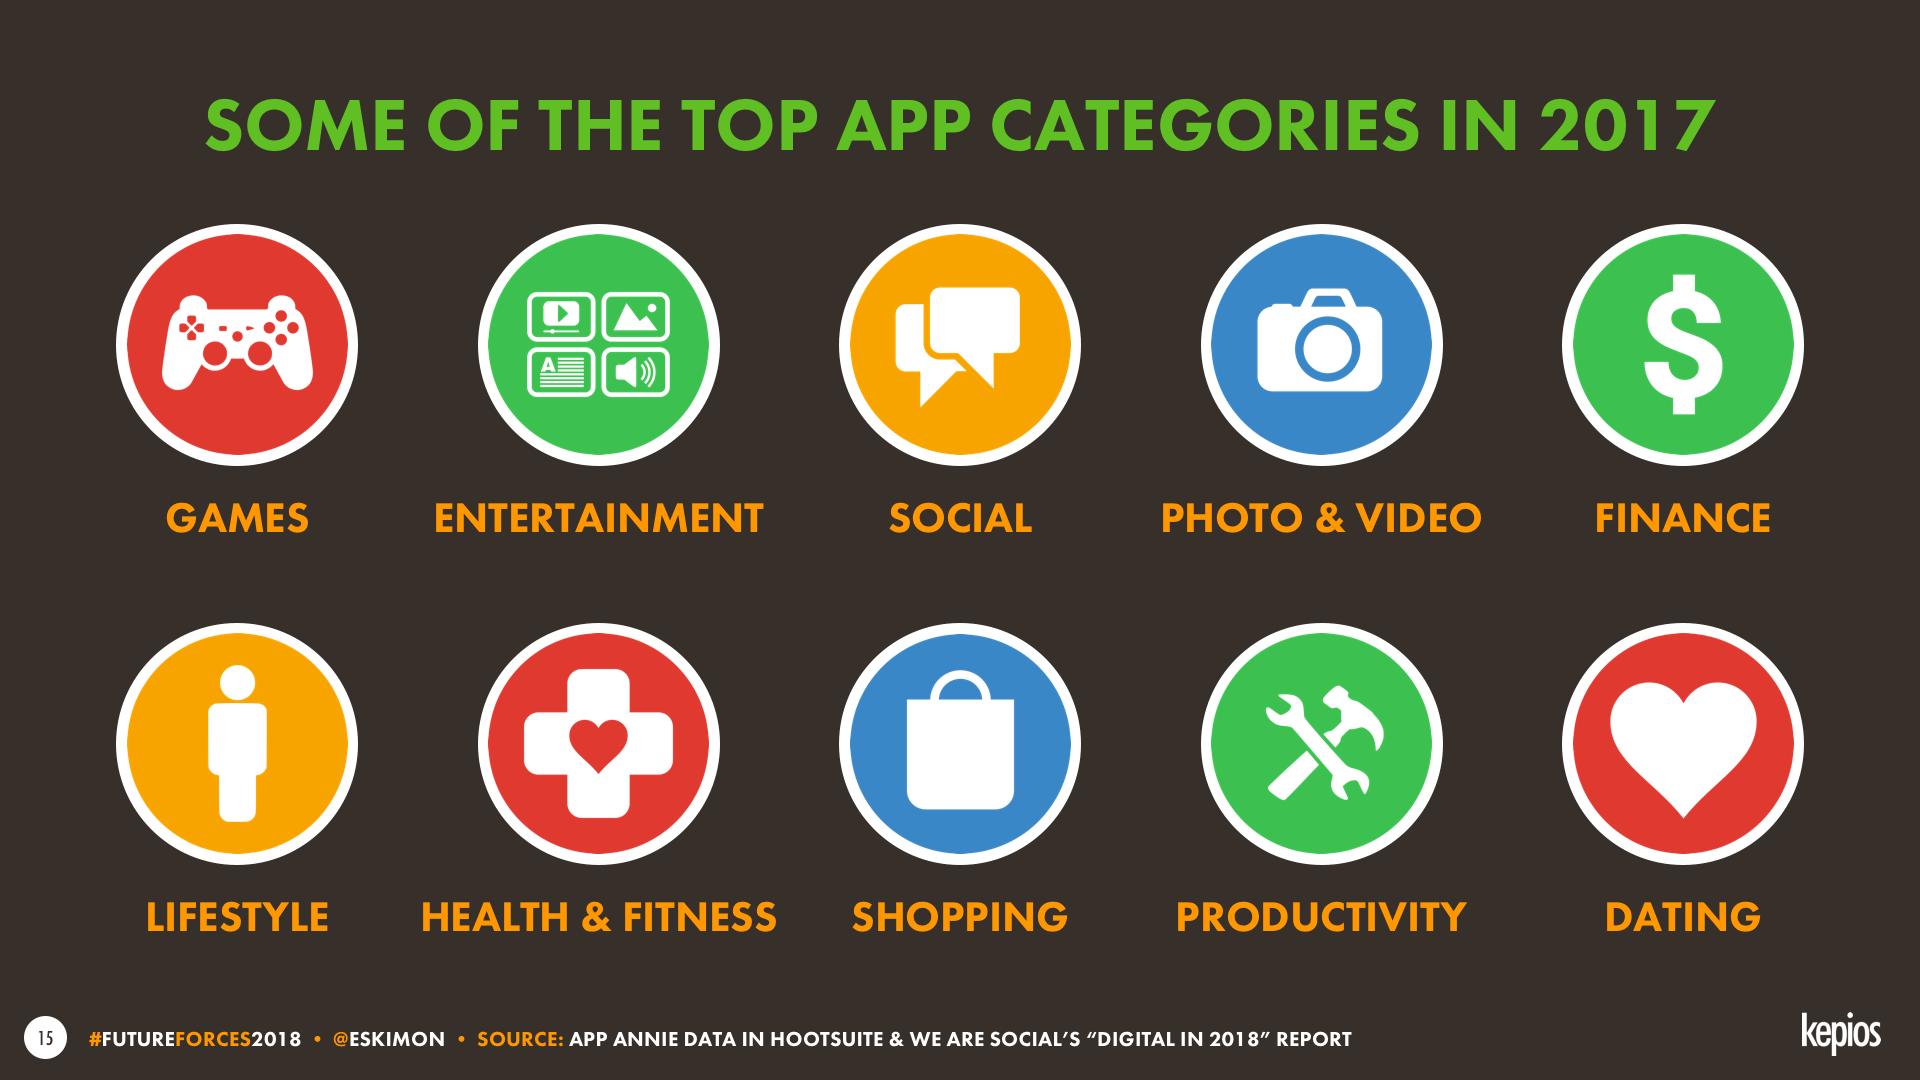 Top Mobile App Categories in 2017